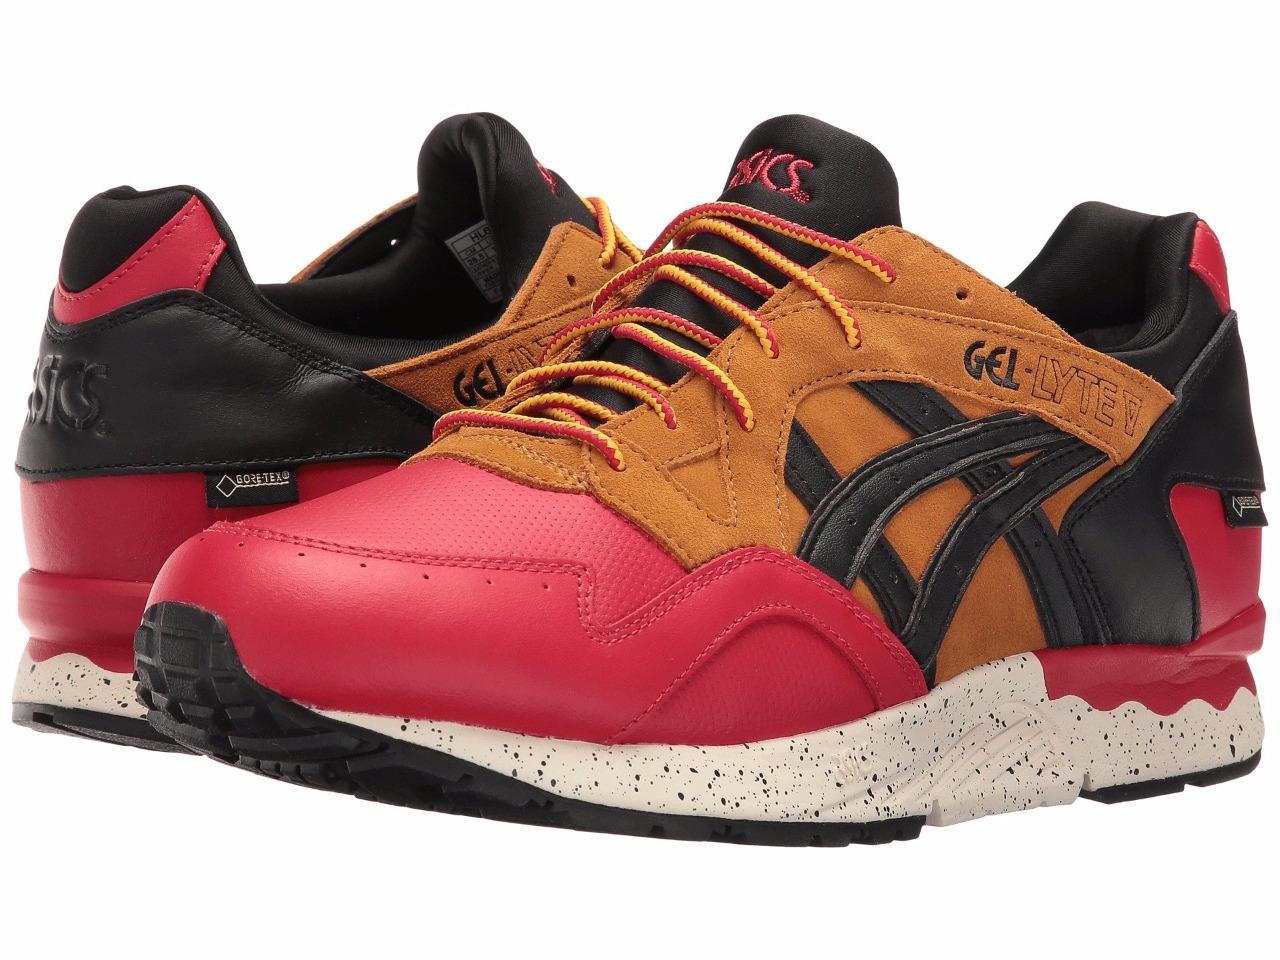 d146ab07c3c0 New Asics Gel-Lyte V G-TX GoreTex Shoes Men s Size 7.5-12 HL6E2-4890 HL6E2 -2590